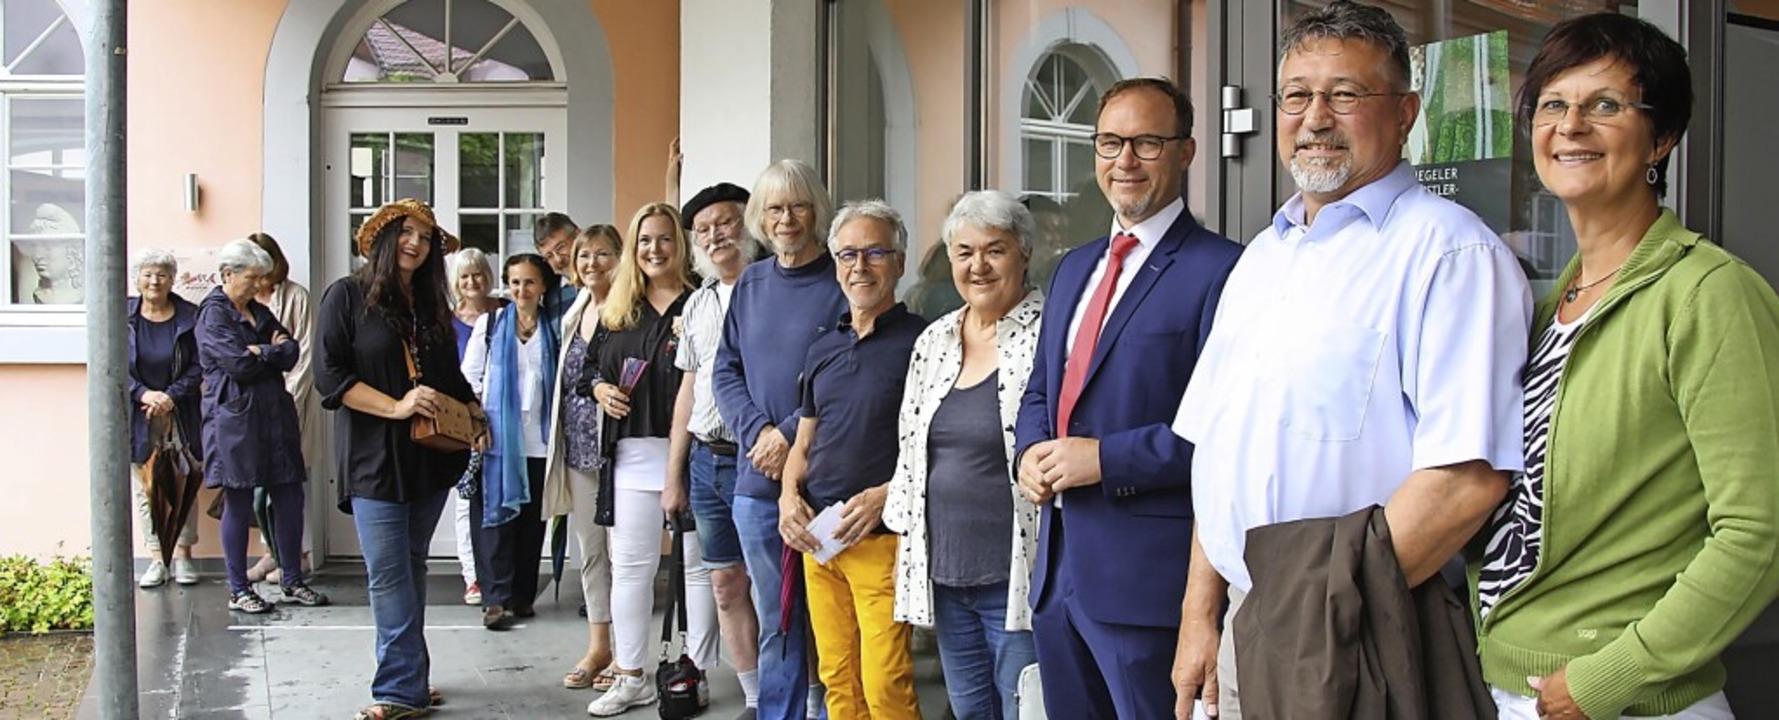 Hausbesitzer und Künstler bei der Vern...die Idee zu der Freiluft-Aktion hatte.  | Foto: Christiane Franz